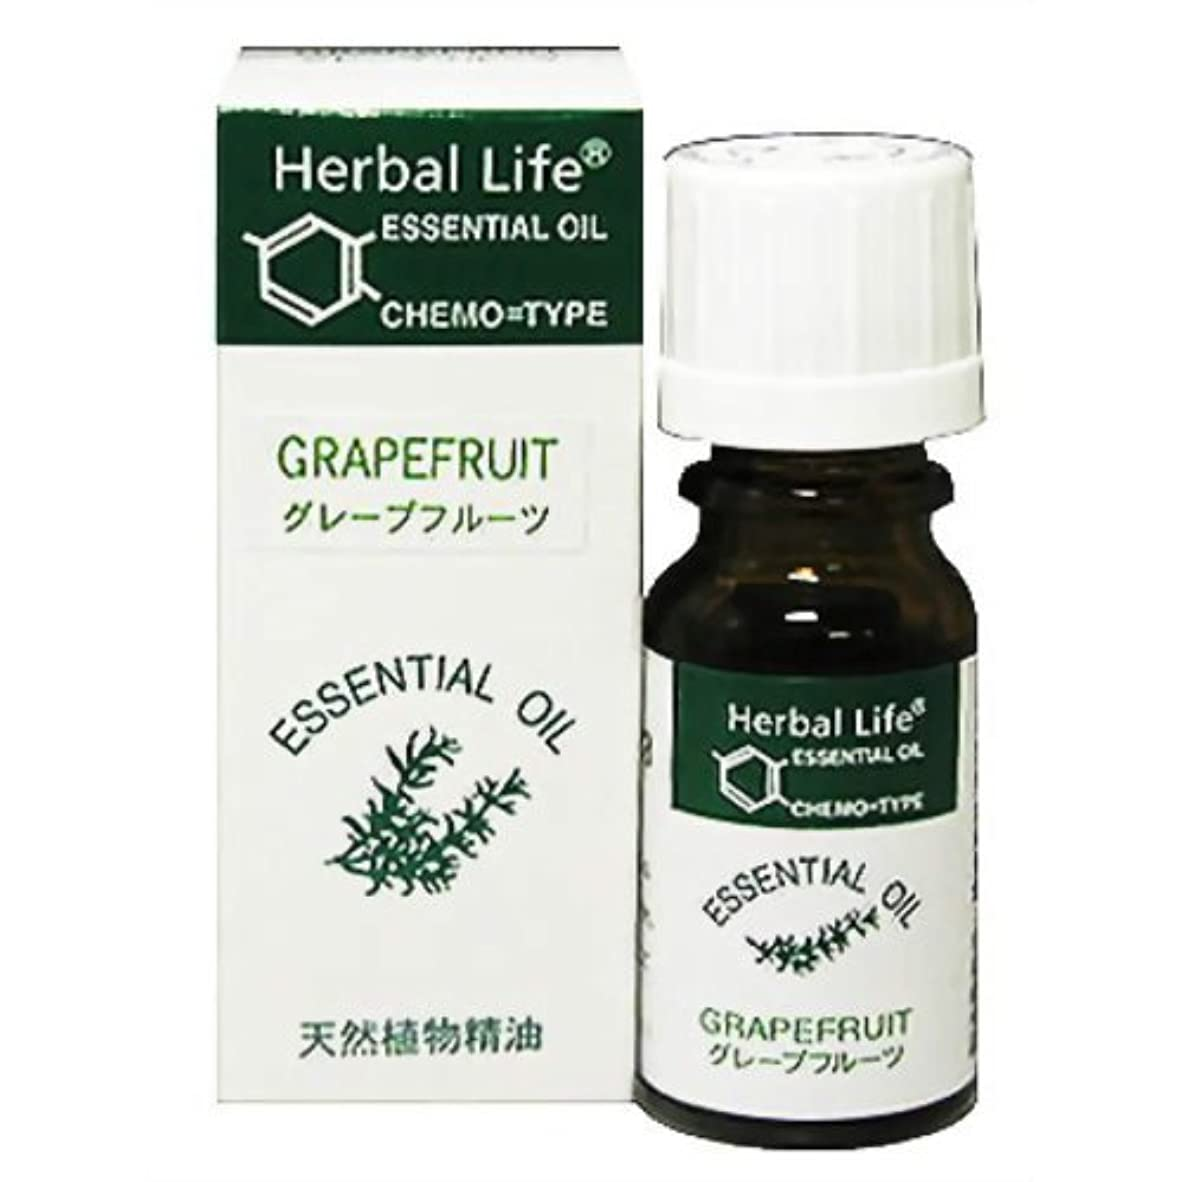 アピール安定虹生活の木 Herbal Life グレープフルーツ 10ml